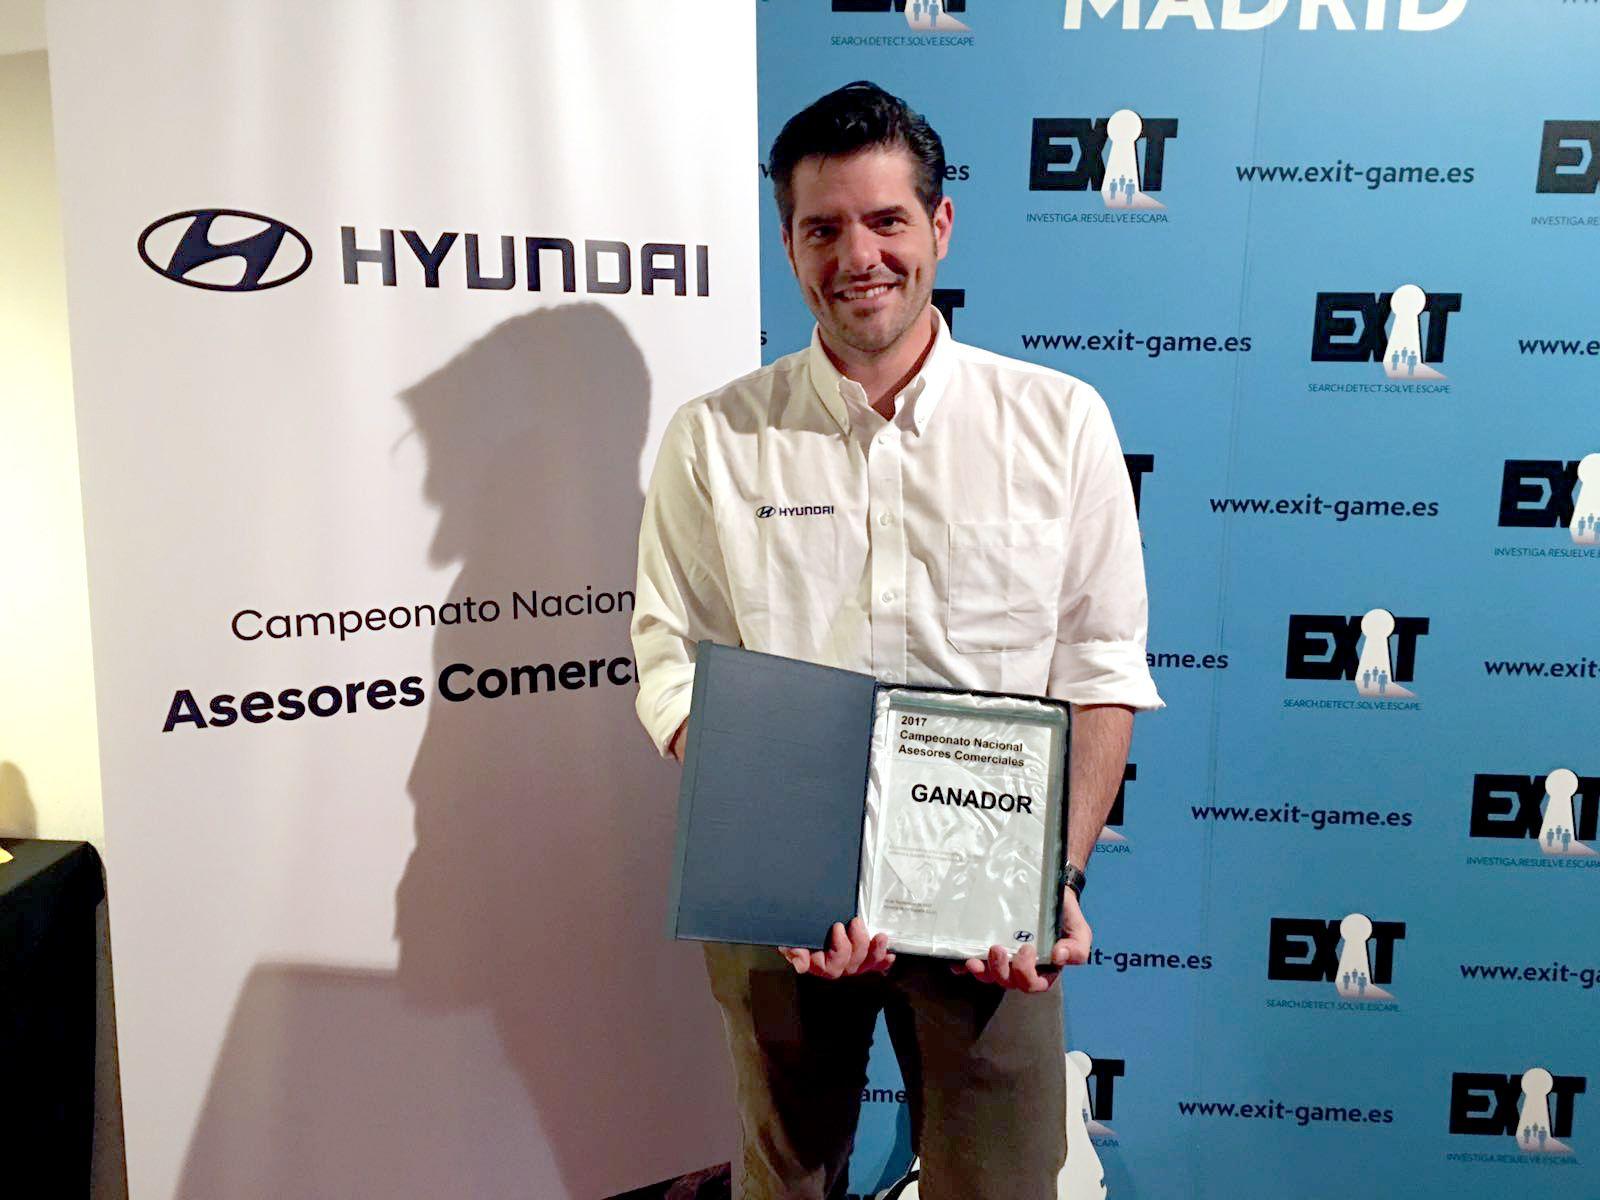 Nuestro asesor comercial Marc Utches se proclama mejor asesor comercial de Hyundai a nivel estatal